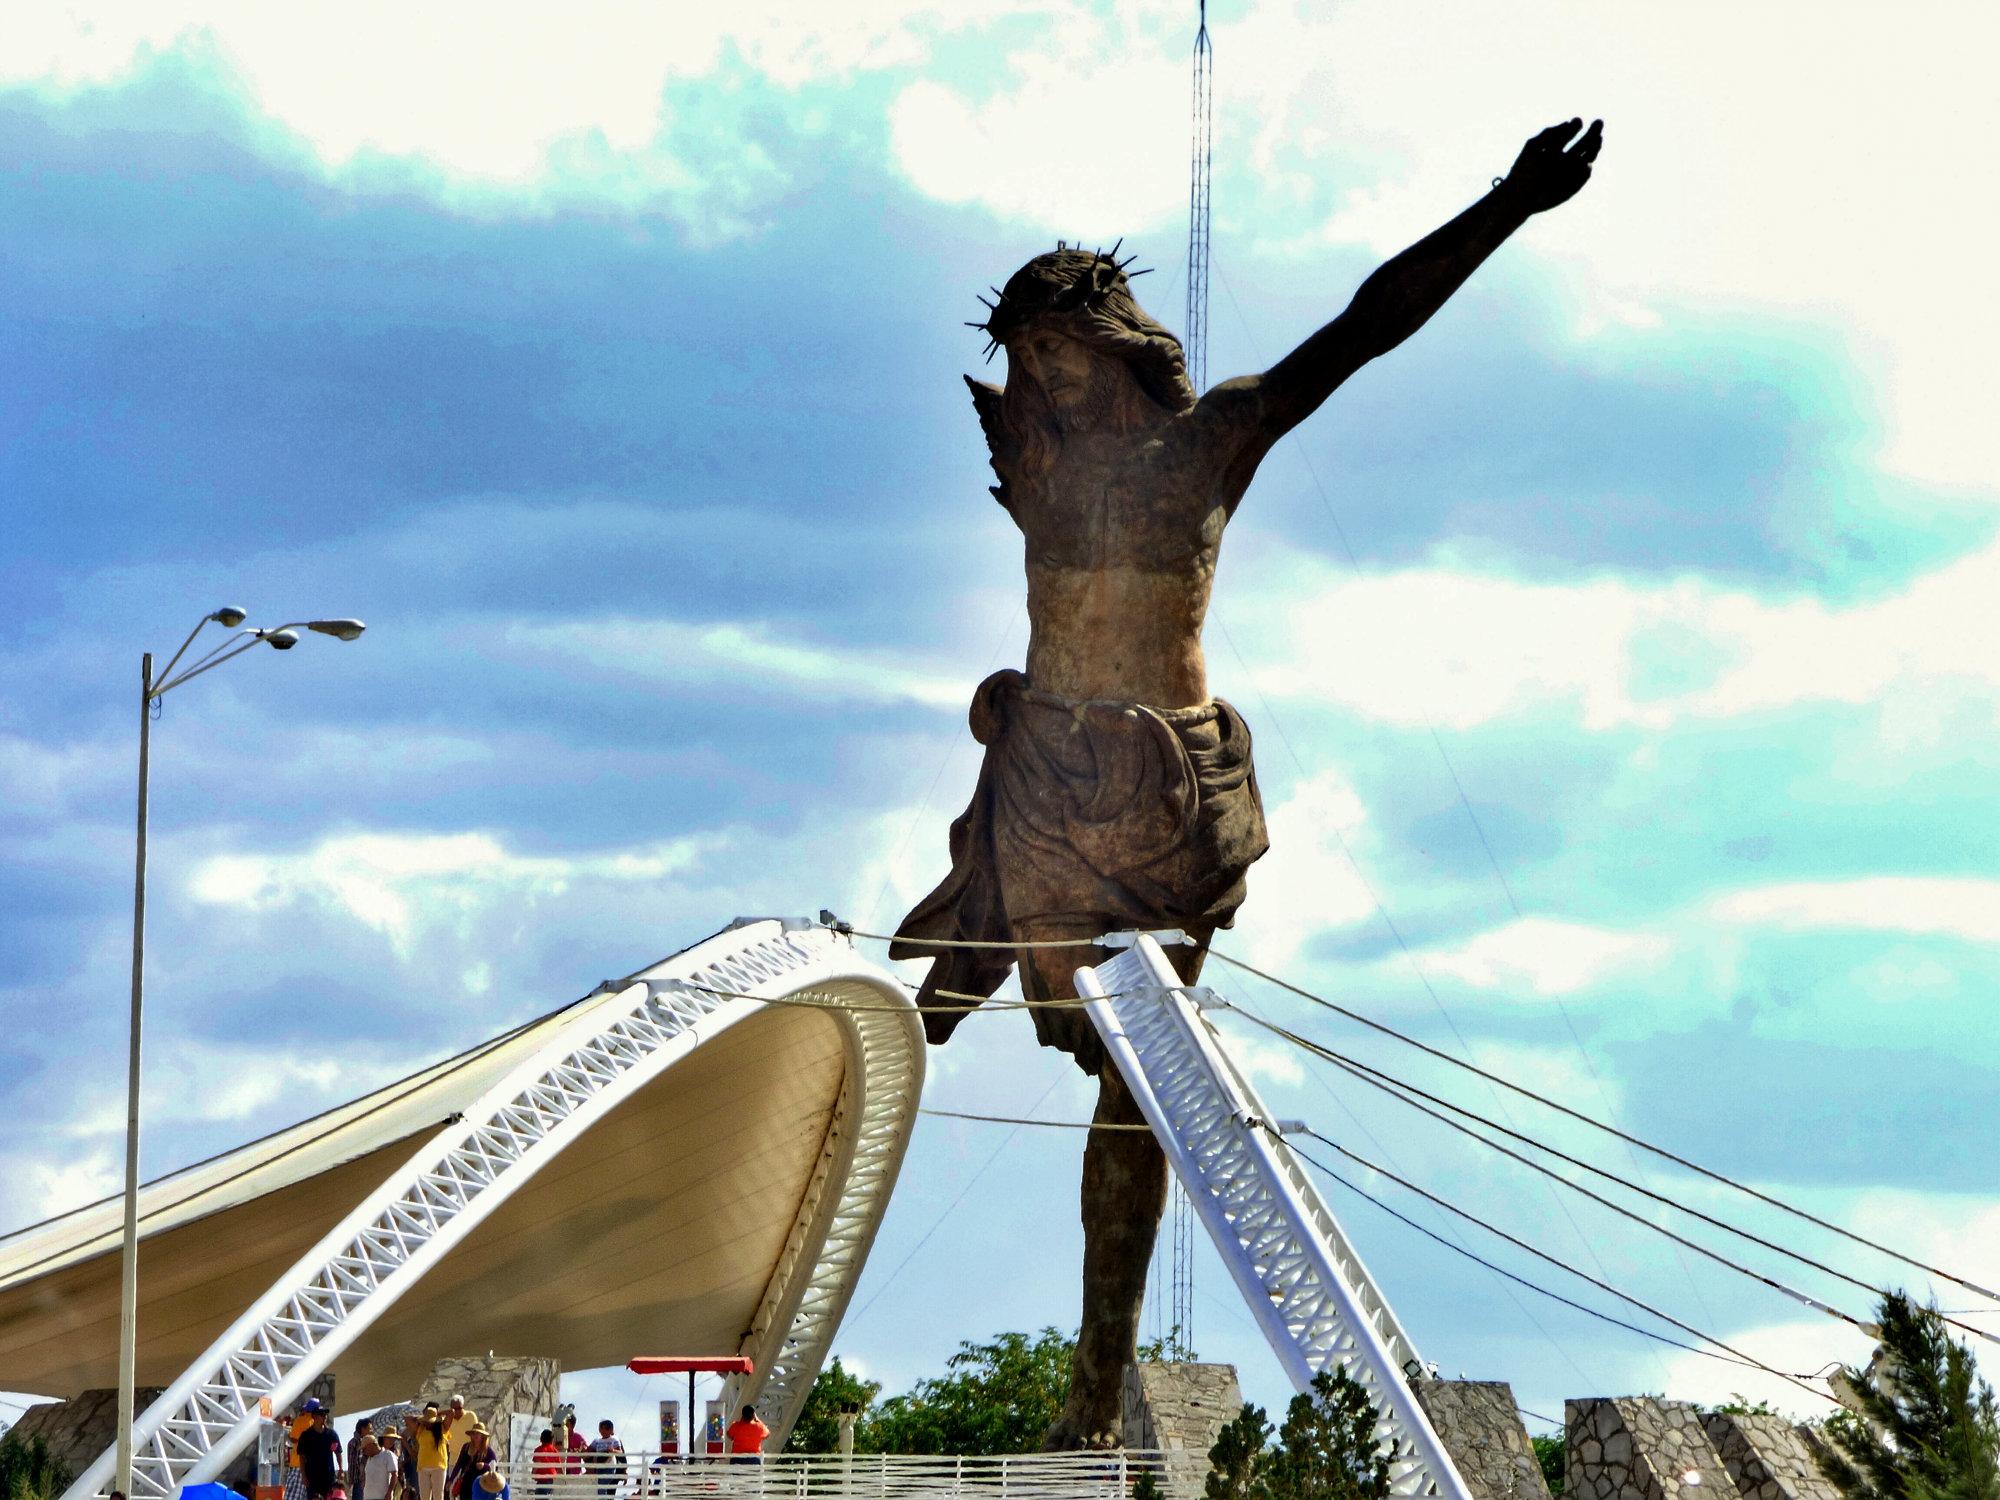 Ubicado en la Isla de la Presa Plutarco Elías Calles, El Cristo Roto es un emblema de Aguascalientes (México). La escultura tiene 25 metros de altura y una base de 3 metros de concreto y acero. La obra es del escultor Miguel Romo. Foto: Luis Alvaz